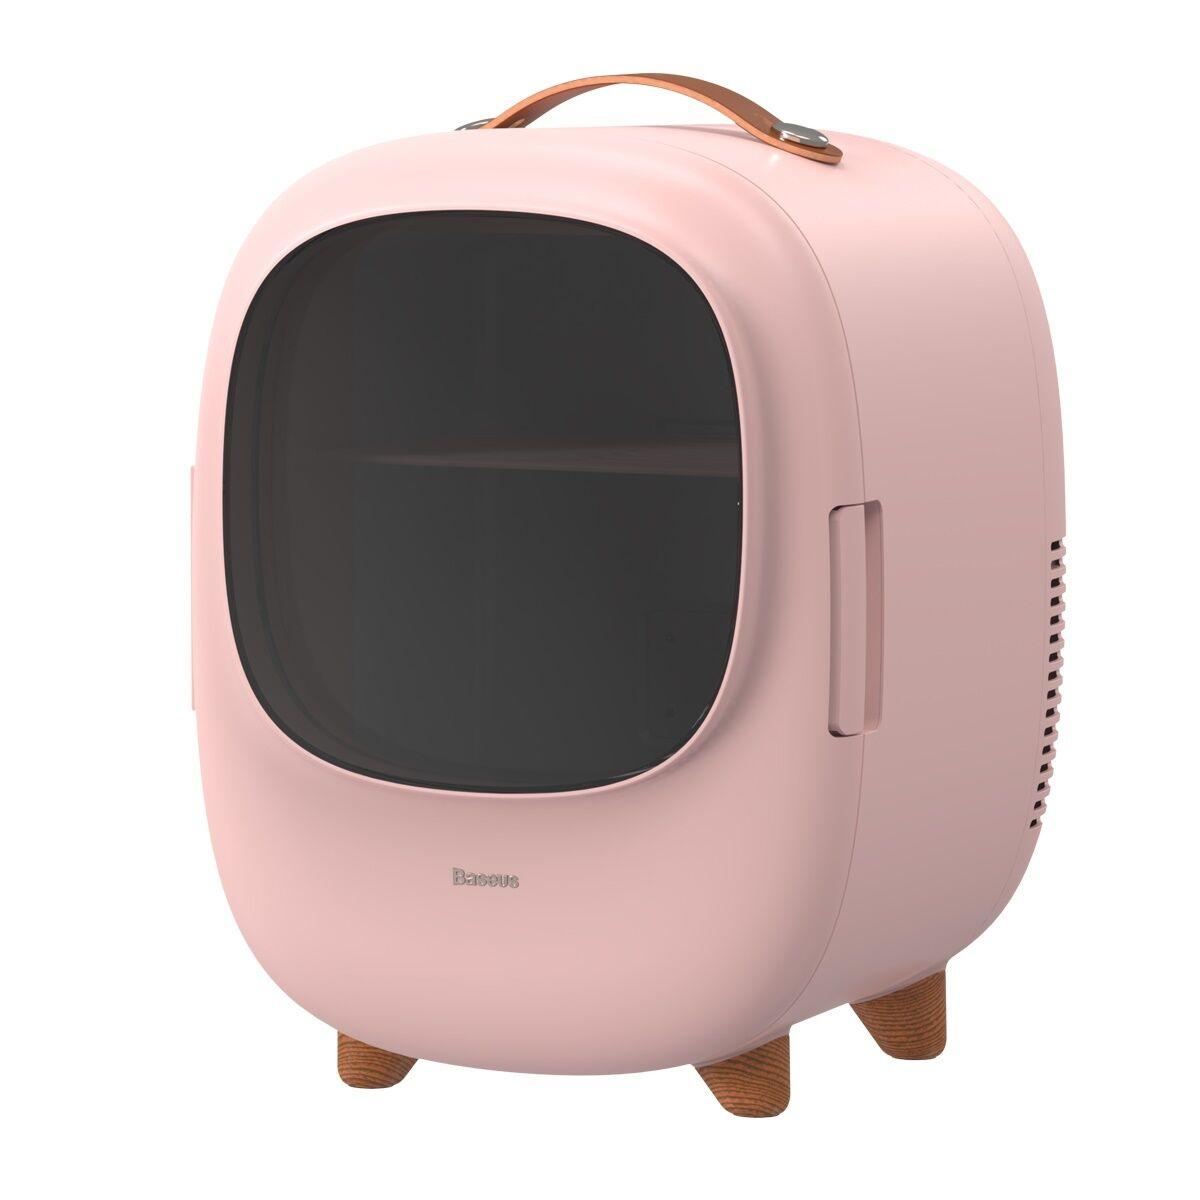 Baseus Réfrigérateur Baseus Zero Space pour le refroidissement et le chauffage, 220V + 12V, Rose